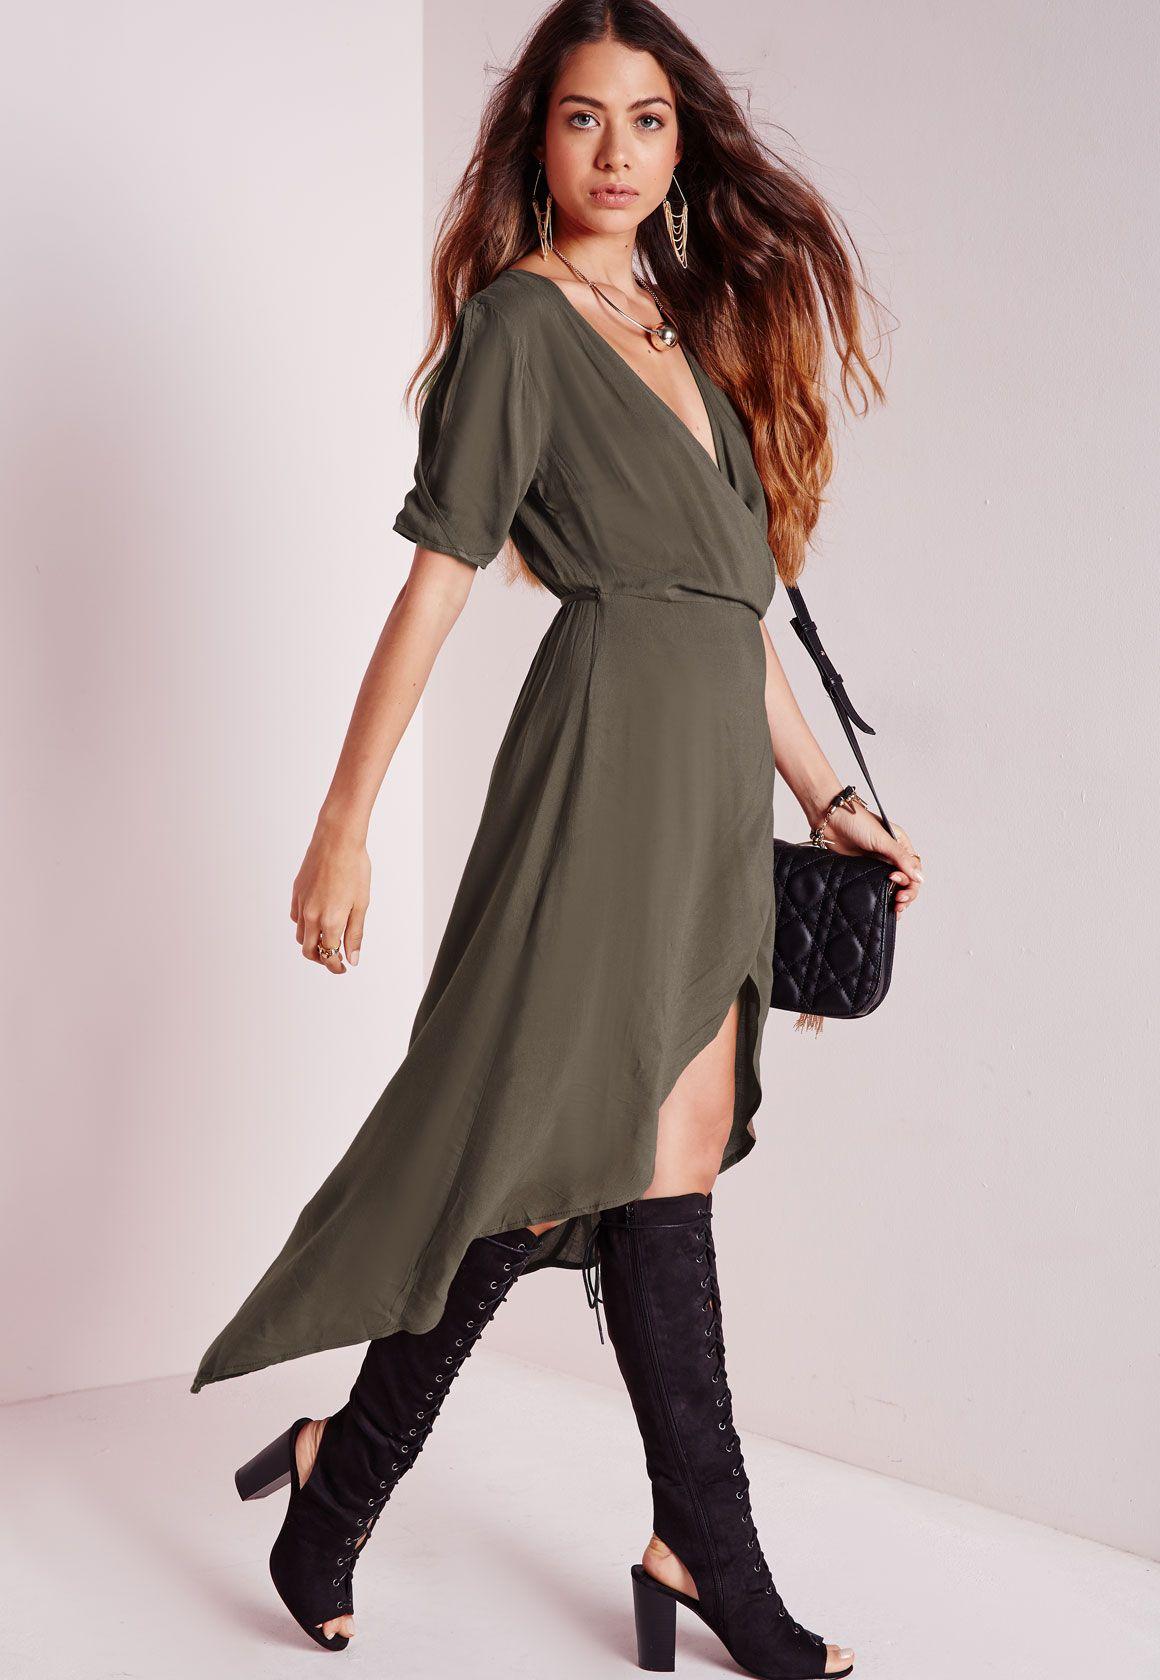 Dipped Hem Wrap Midi Dress Khaki - http://musteredlady.com/dipped-hem-wrap-midi-dress-khaki/  .. http://goo.gl/8dixL4    MusteredLady.com